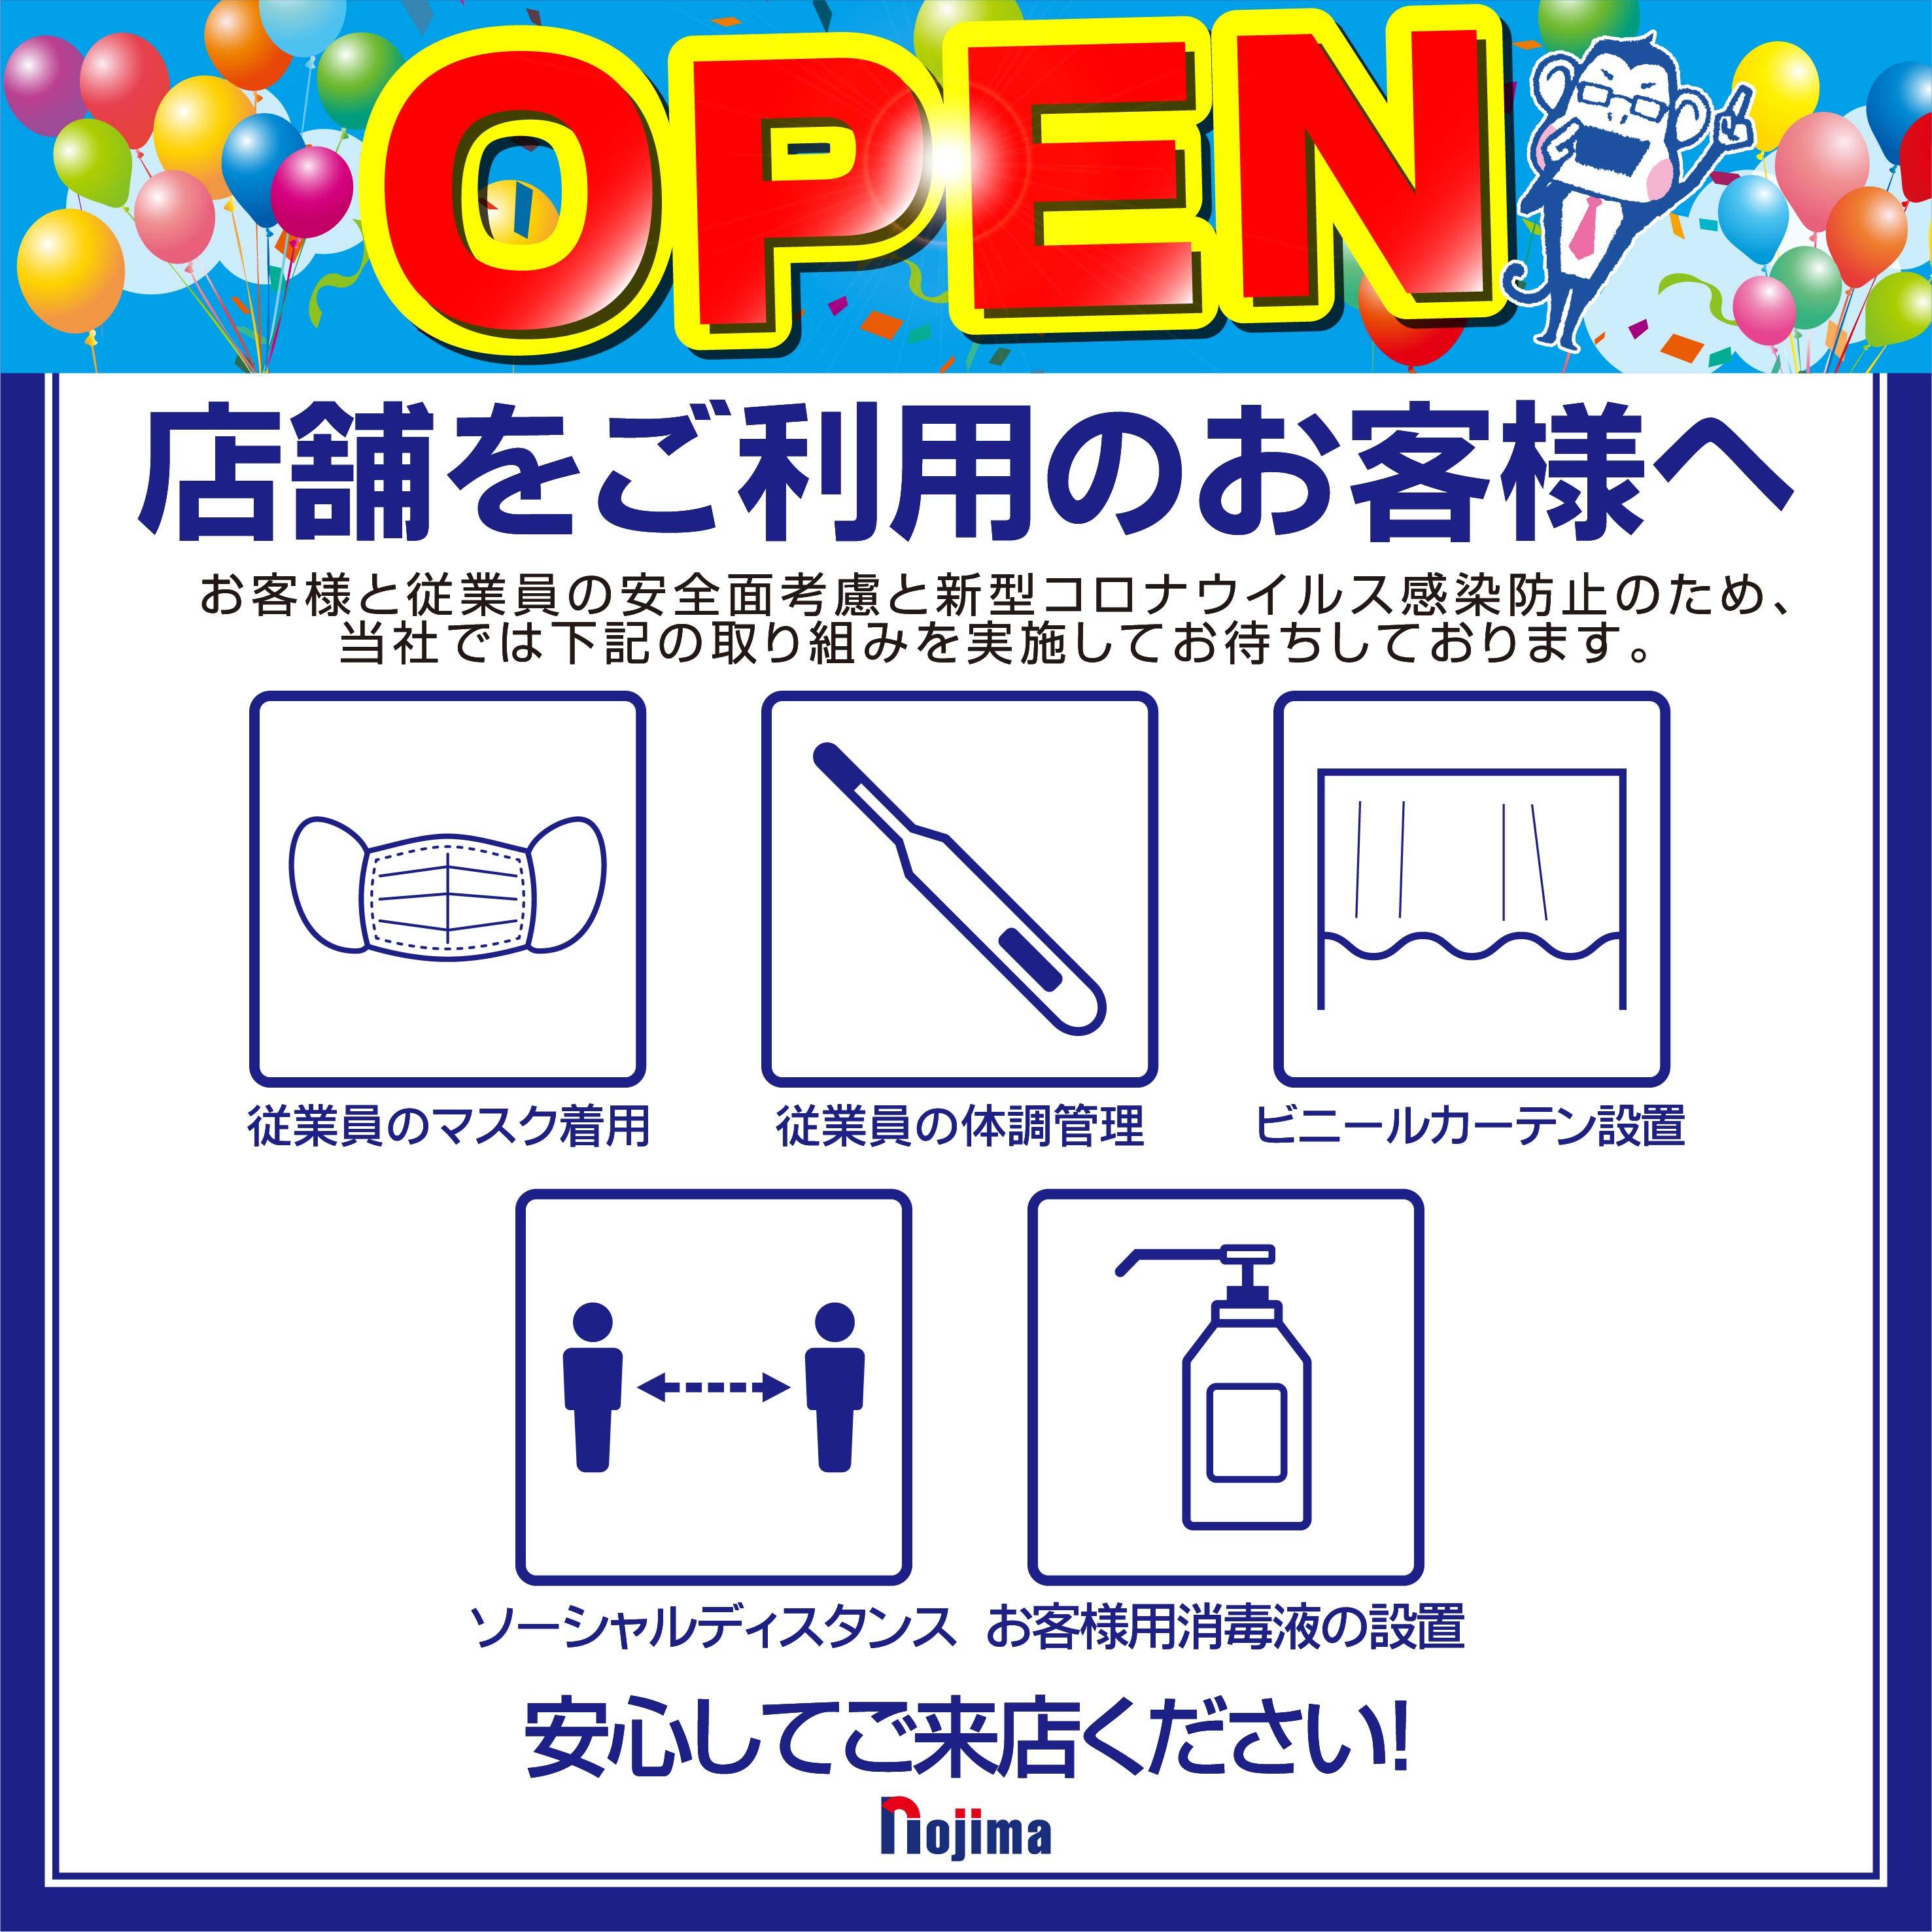 10月23日(土)9:00~ グランドオープン!!